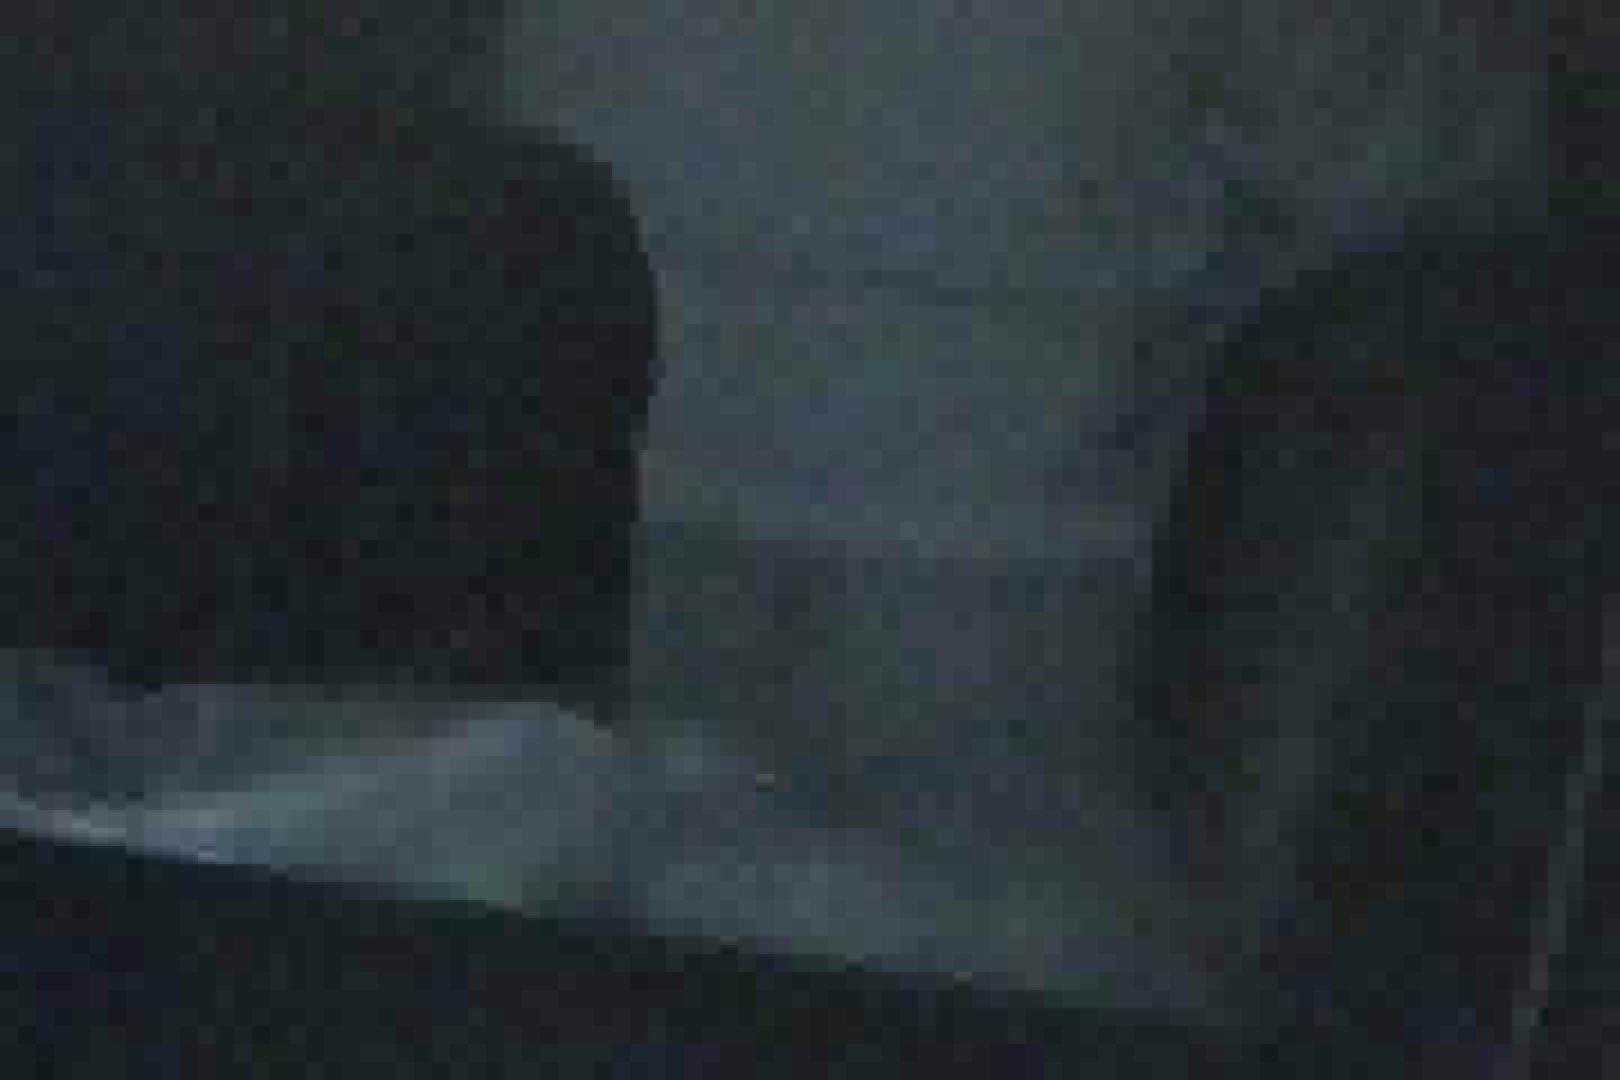 充血監督の深夜の運動会Vol.2 OLの実態 隠し撮りすけべAV動画紹介 61pic 10